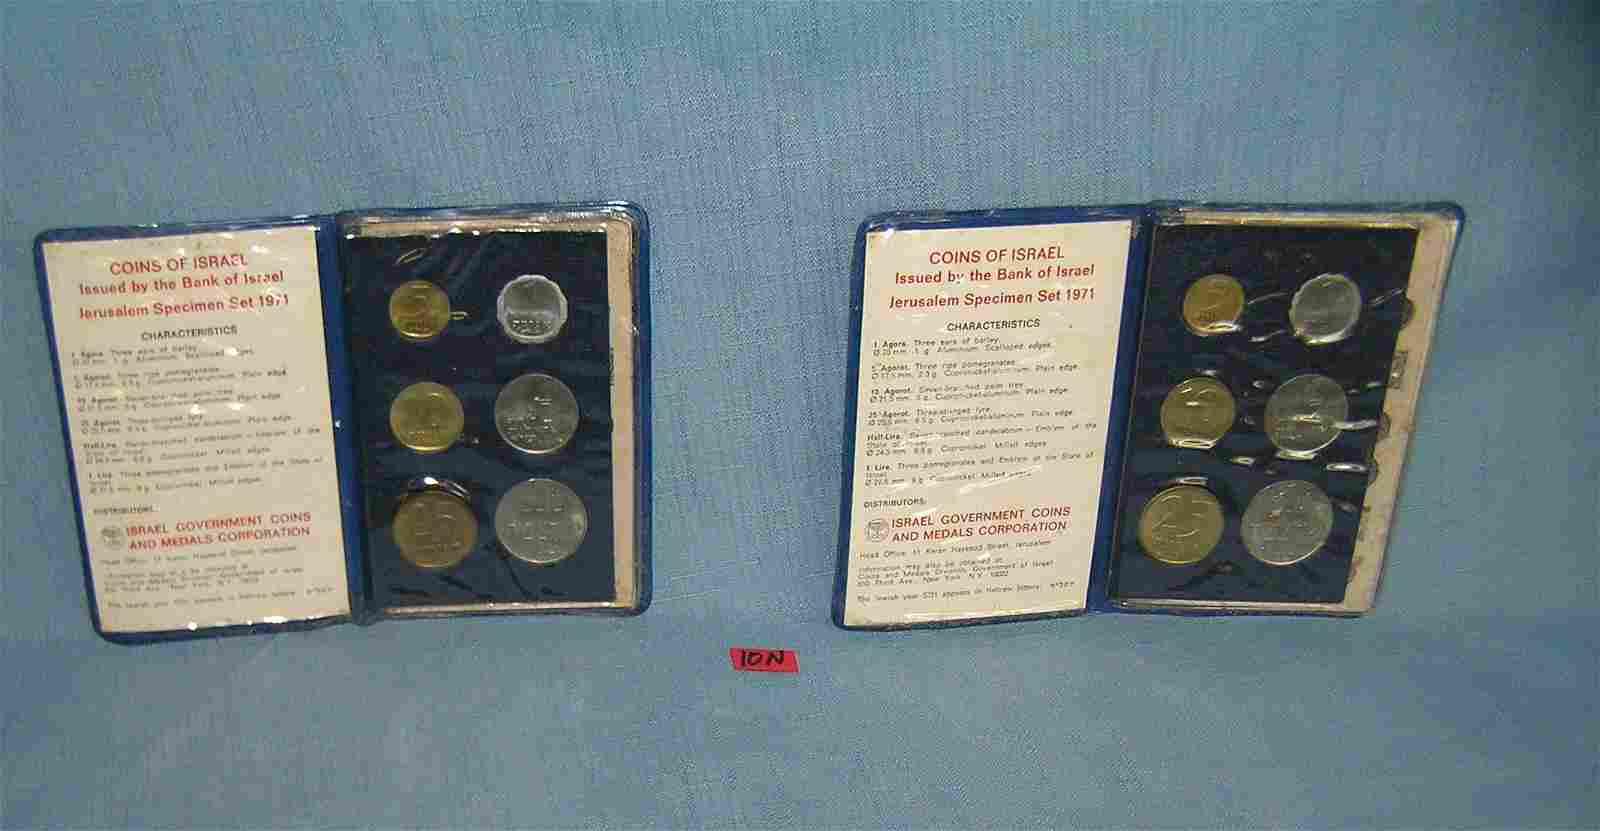 Coins of Israel the Jerusalem specimen set